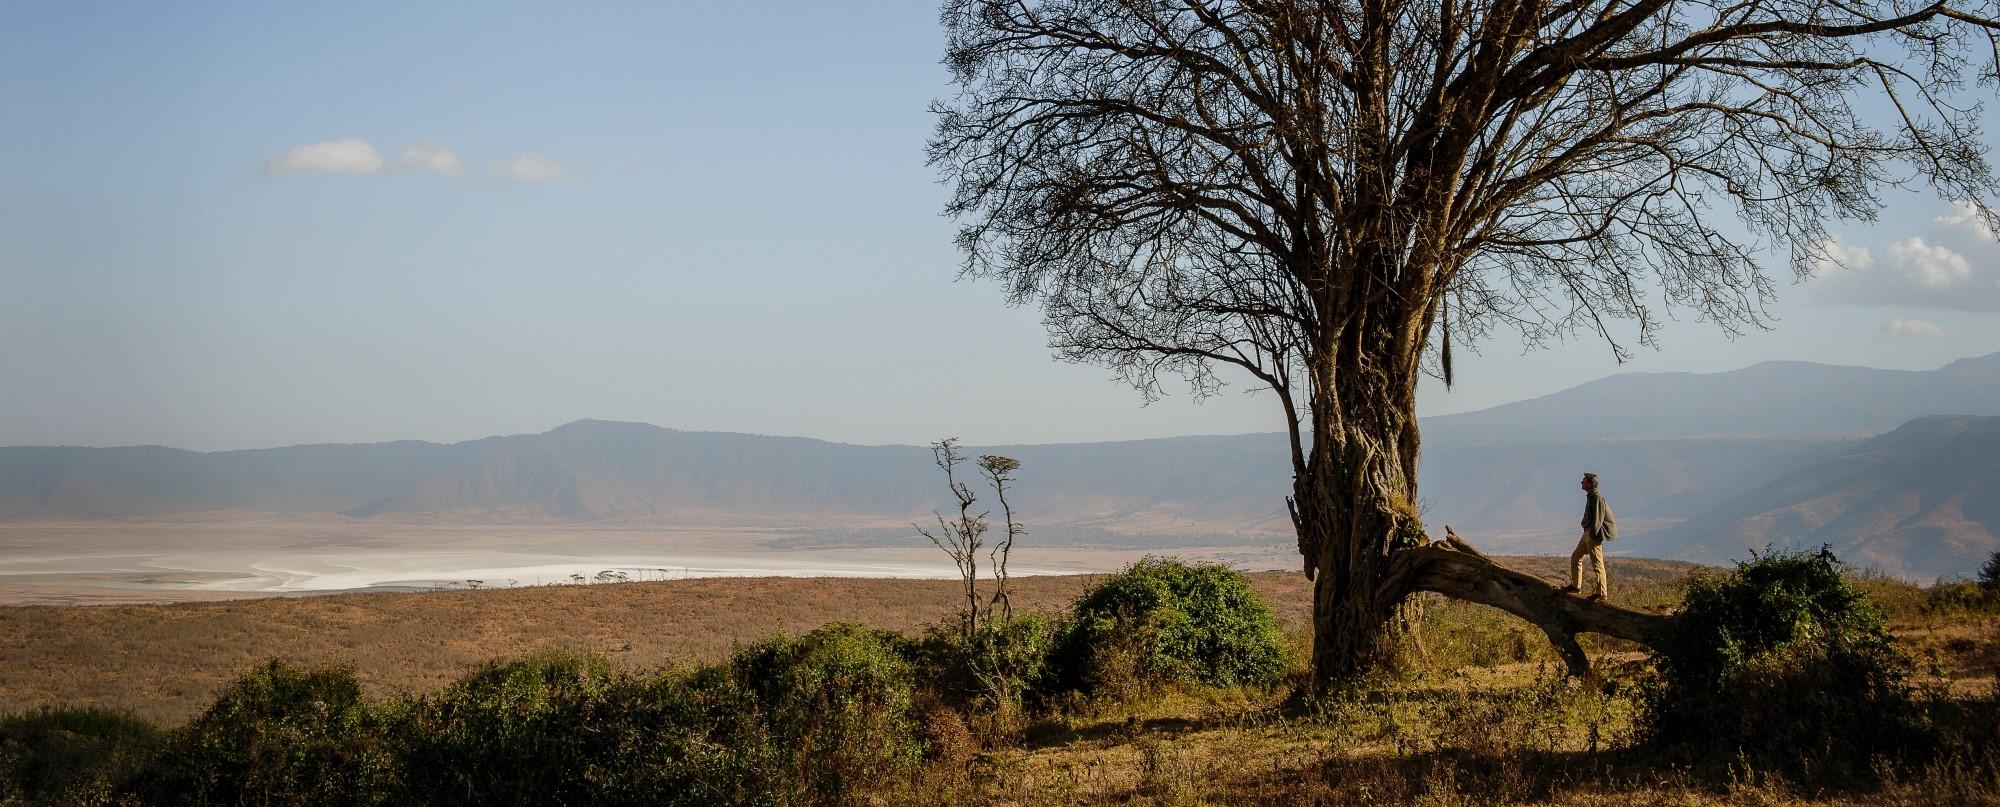 entamanu-ngorongoro-crater-view